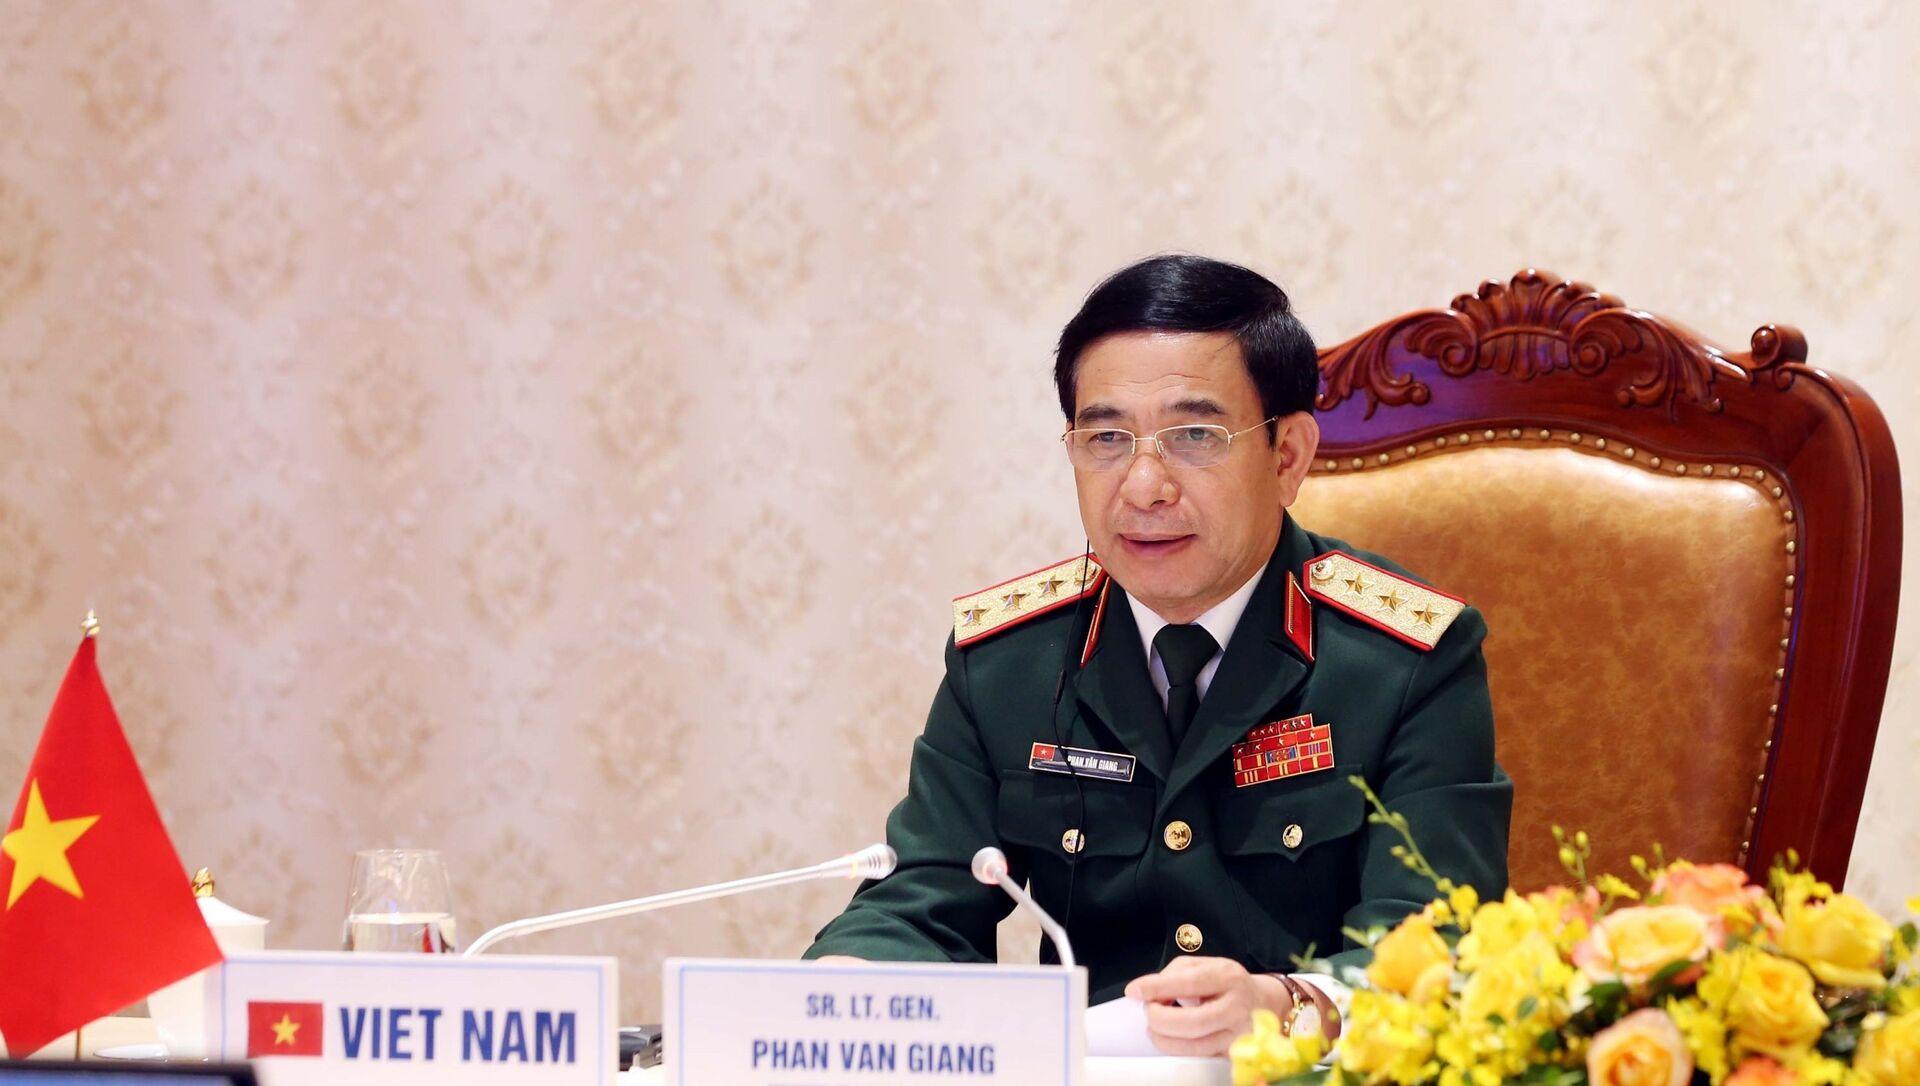 Thượng tướng Phan Văn Giang, Ủy viên Bộ Chính trị, Phó Bí thư Quân ủy Trung ương, Bộ trưởng Bộ Quốc phòng phát biểu tại hội nghị trực tuyến An ninh Quốc tế Moskva (Liên Bang Nga) lần thứ 9. - Sputnik Việt Nam, 1920, 23.06.2021